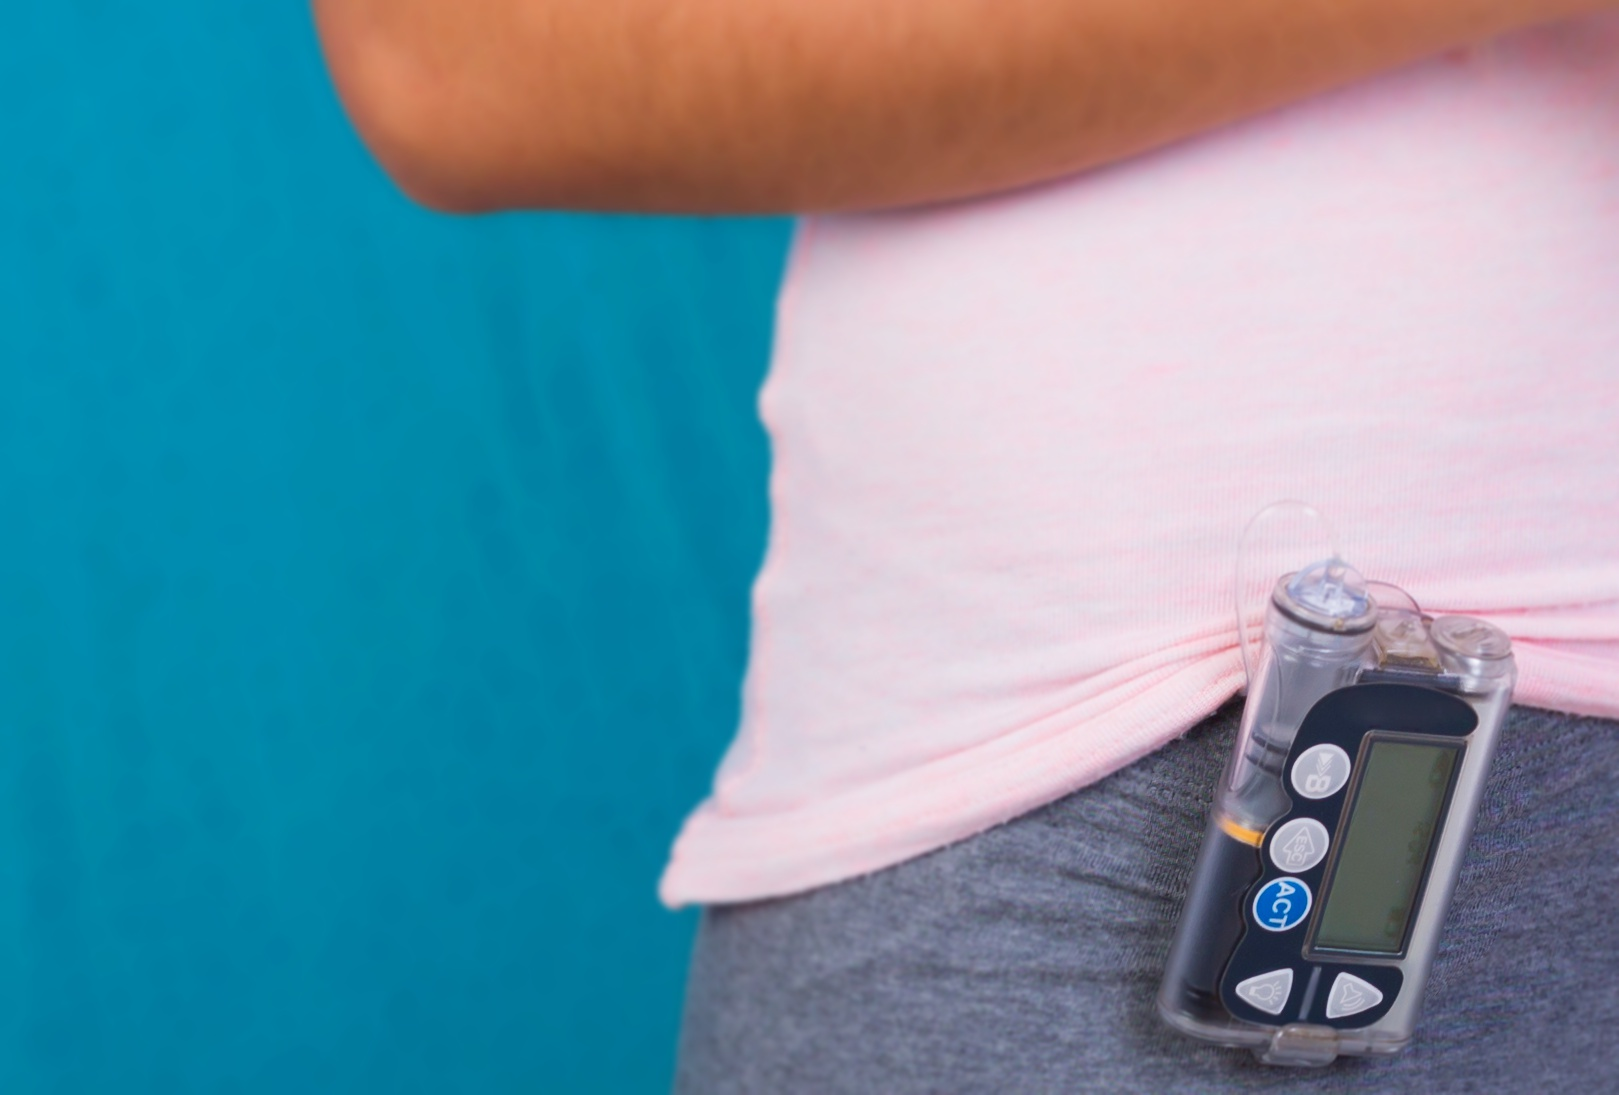 bomba de insulina tratamento diabetes tipo 1